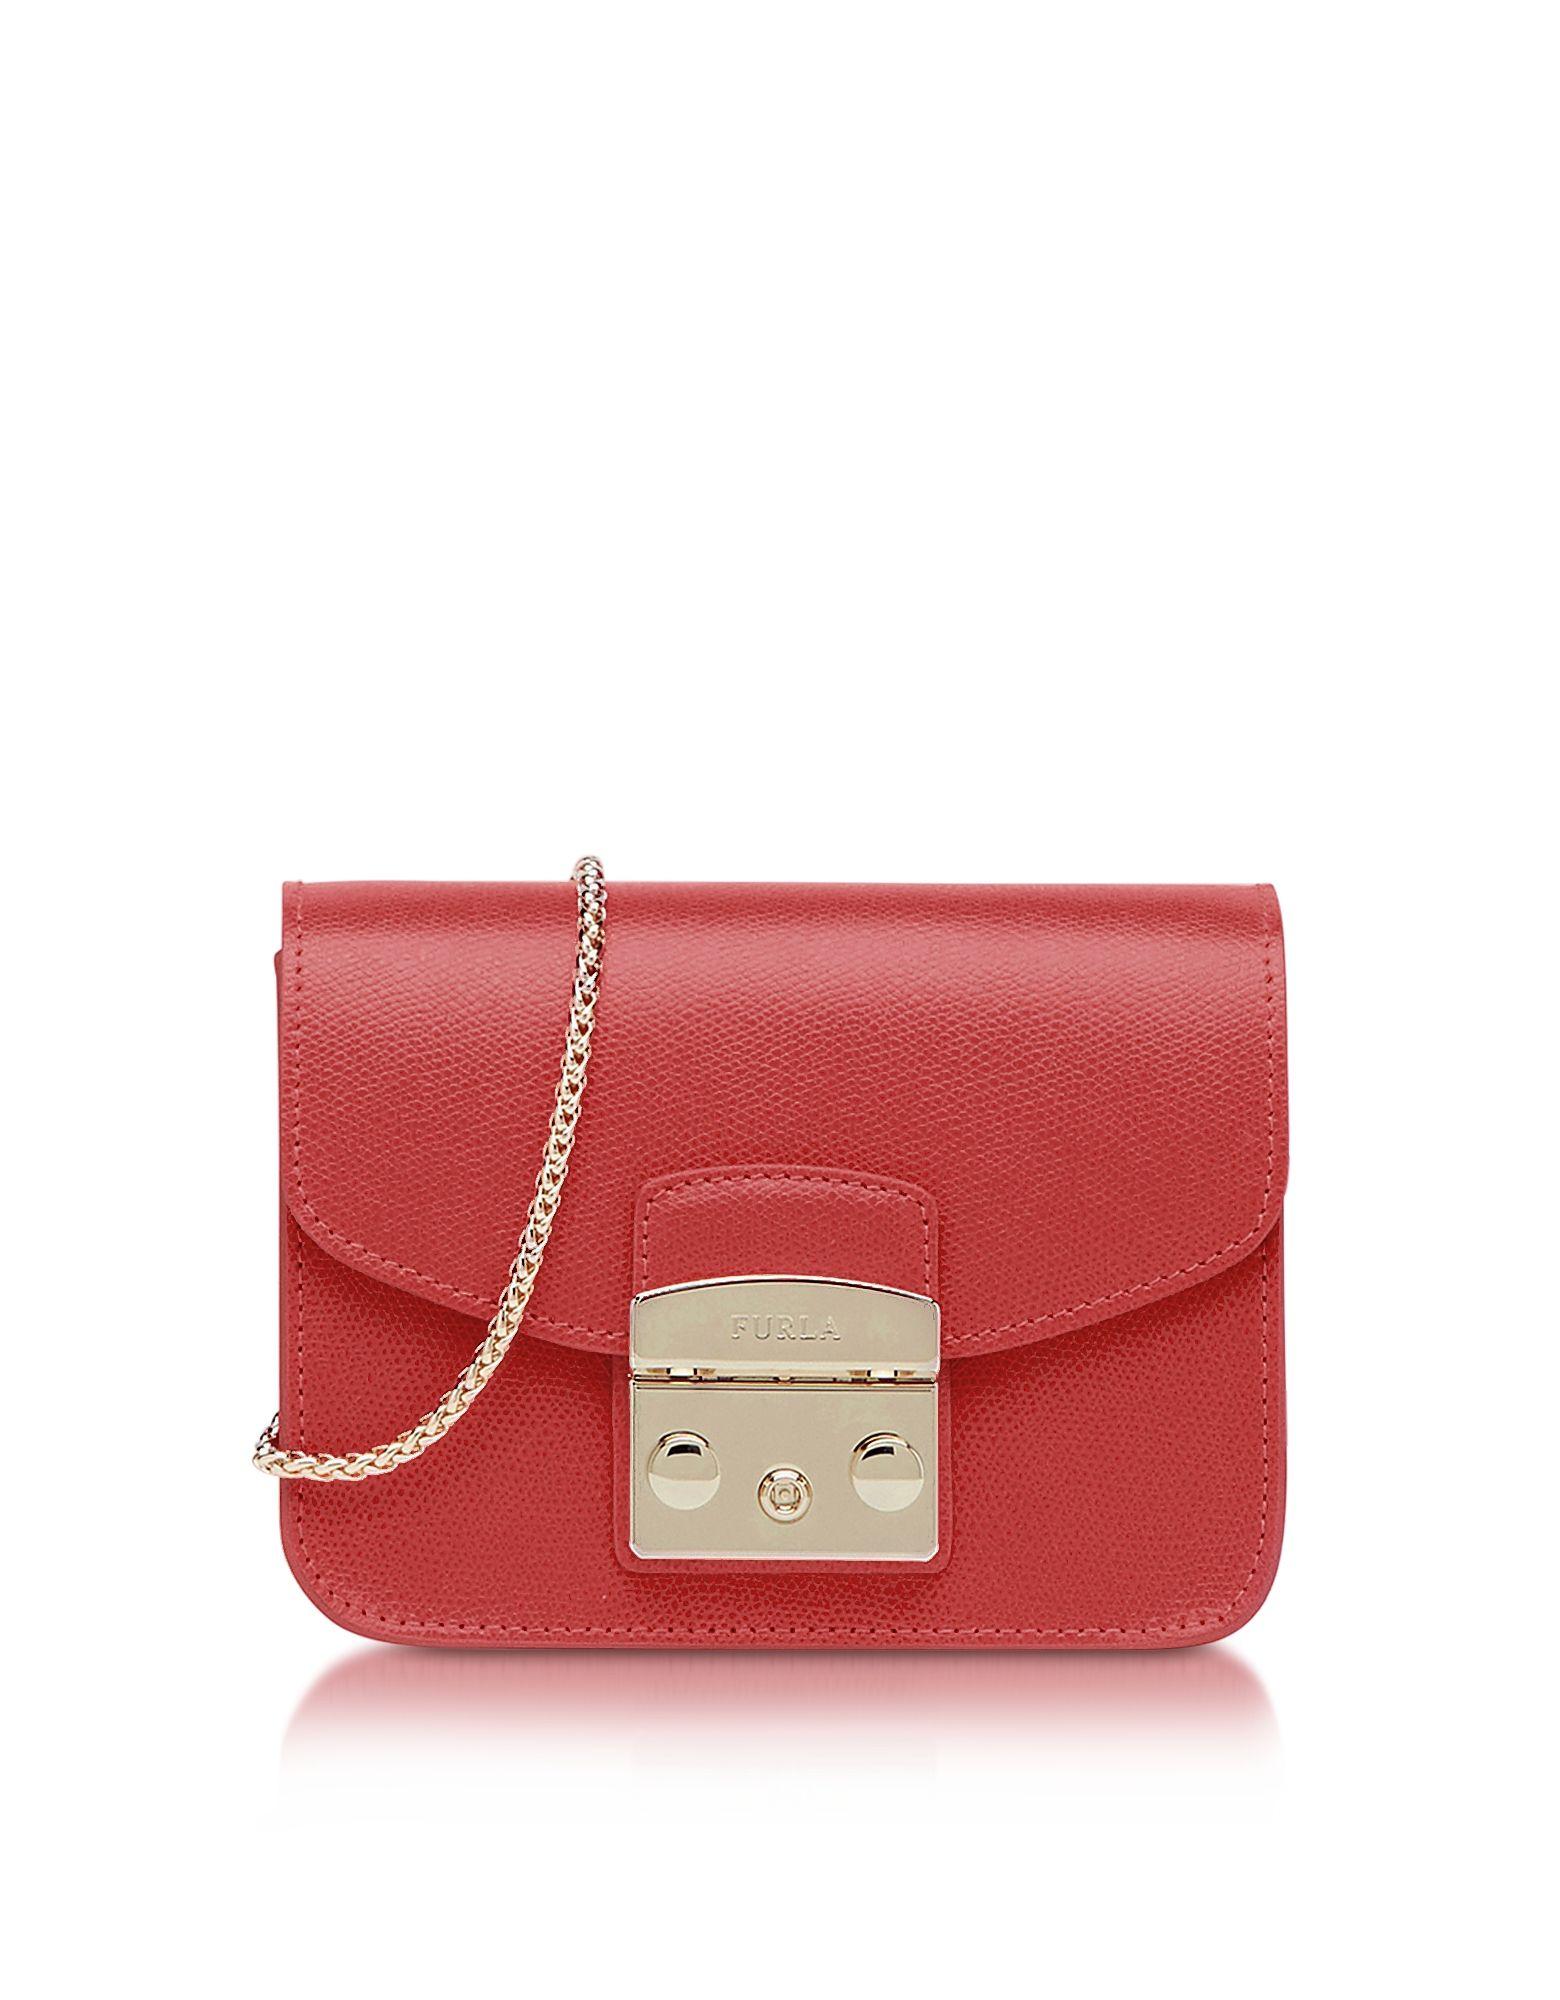 f05a6a47a75ef Furla Handbags